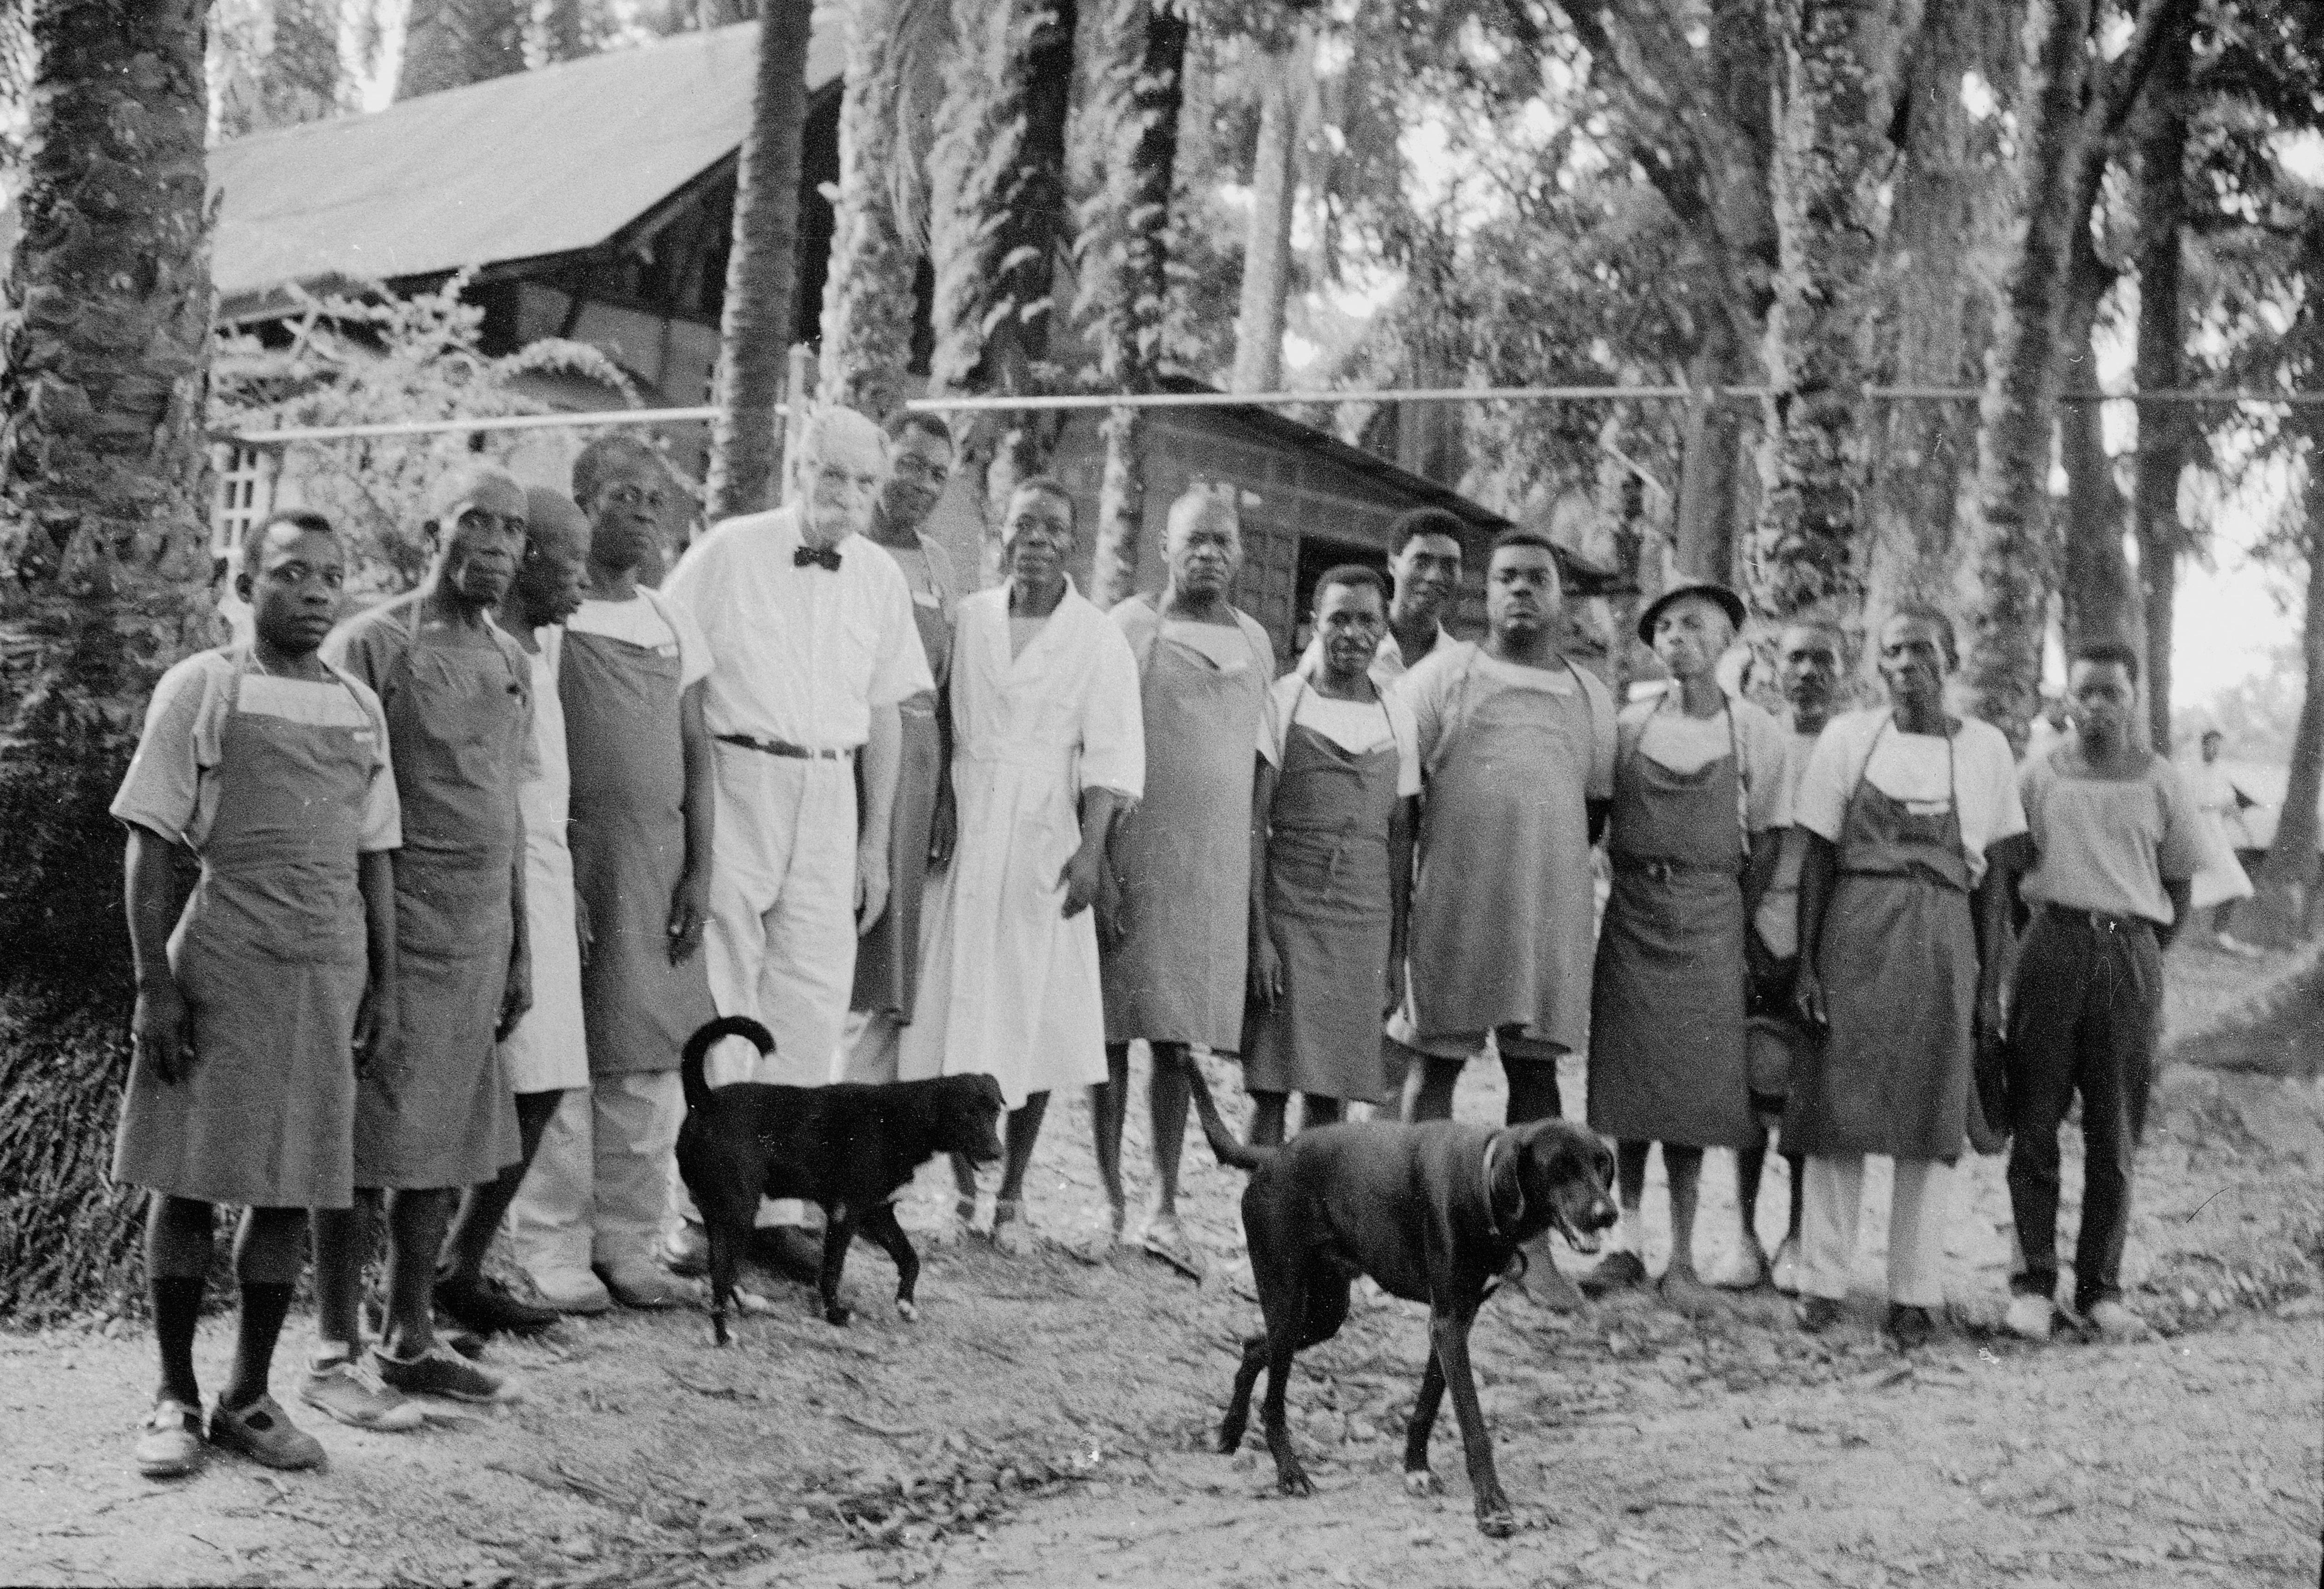 Dans les années 1960, Albert Schweitzer se fait prendre en photo en compagnie d'une partie du personnel de son hôpital, à Lambaréné, au Gabon.